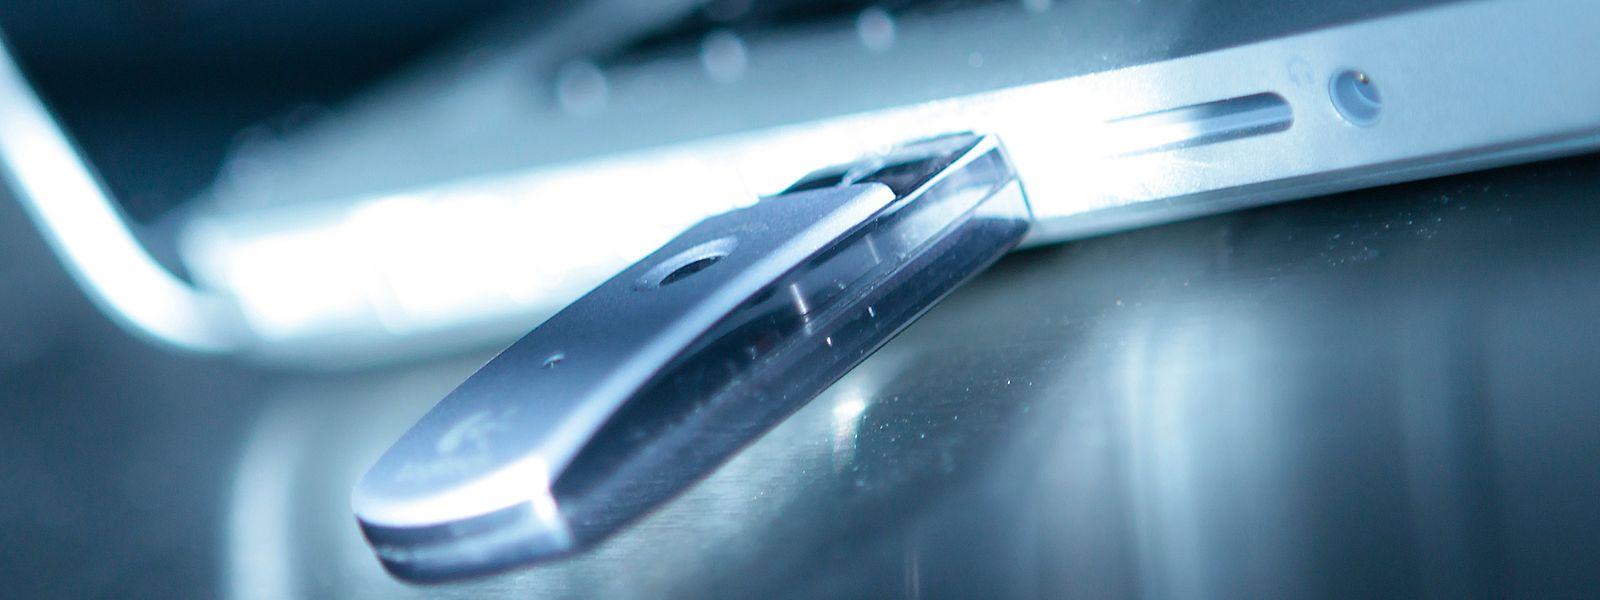 Urteile und Gerichtsunterlagen sollen 2015 mittels eines USB-Sticks entwendet worden sein.